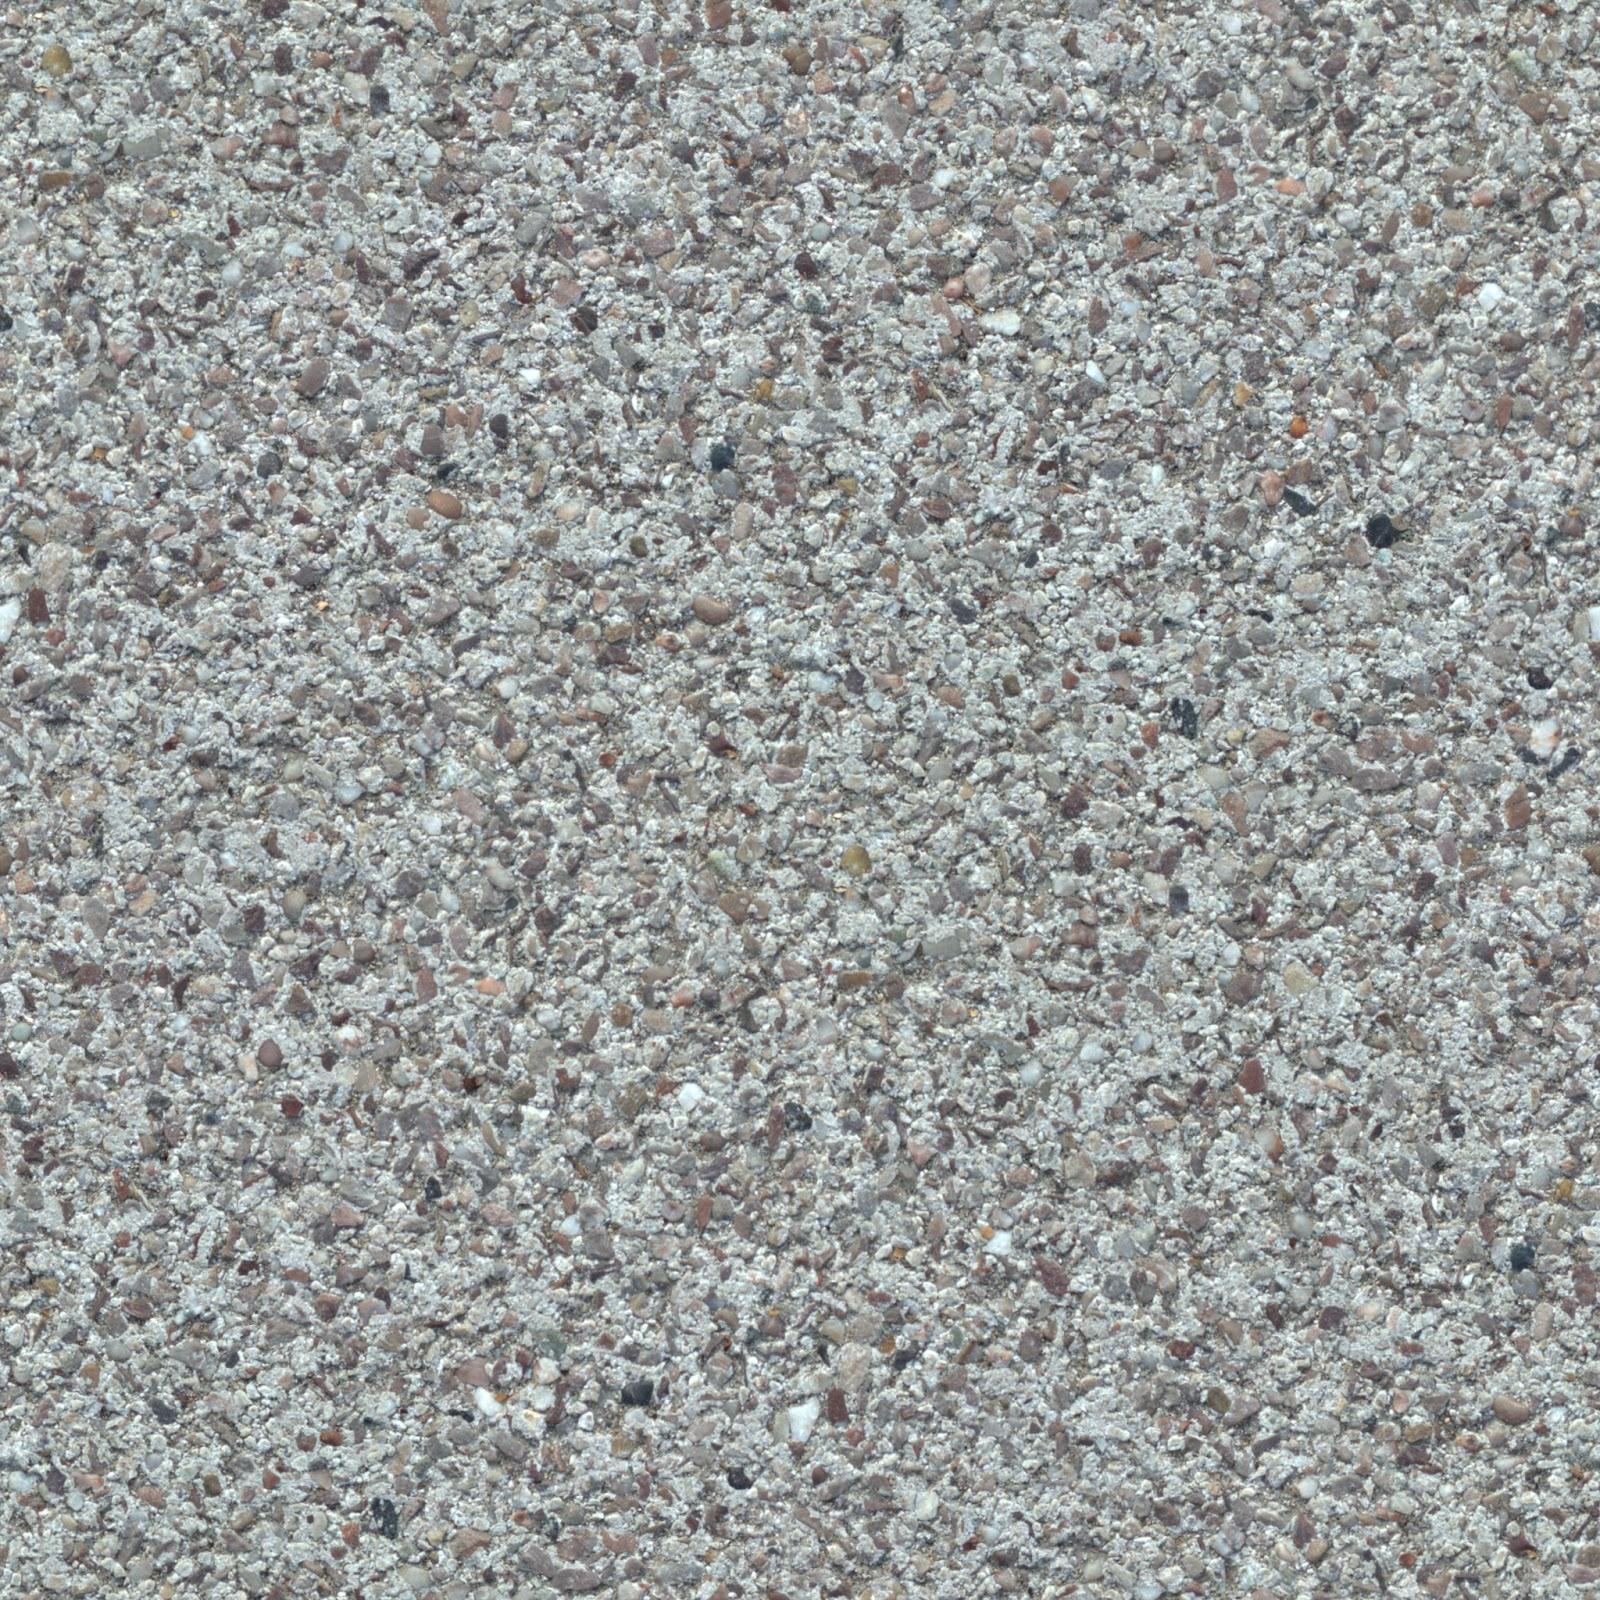 Concrete flat stone seamless texture 2048x2048